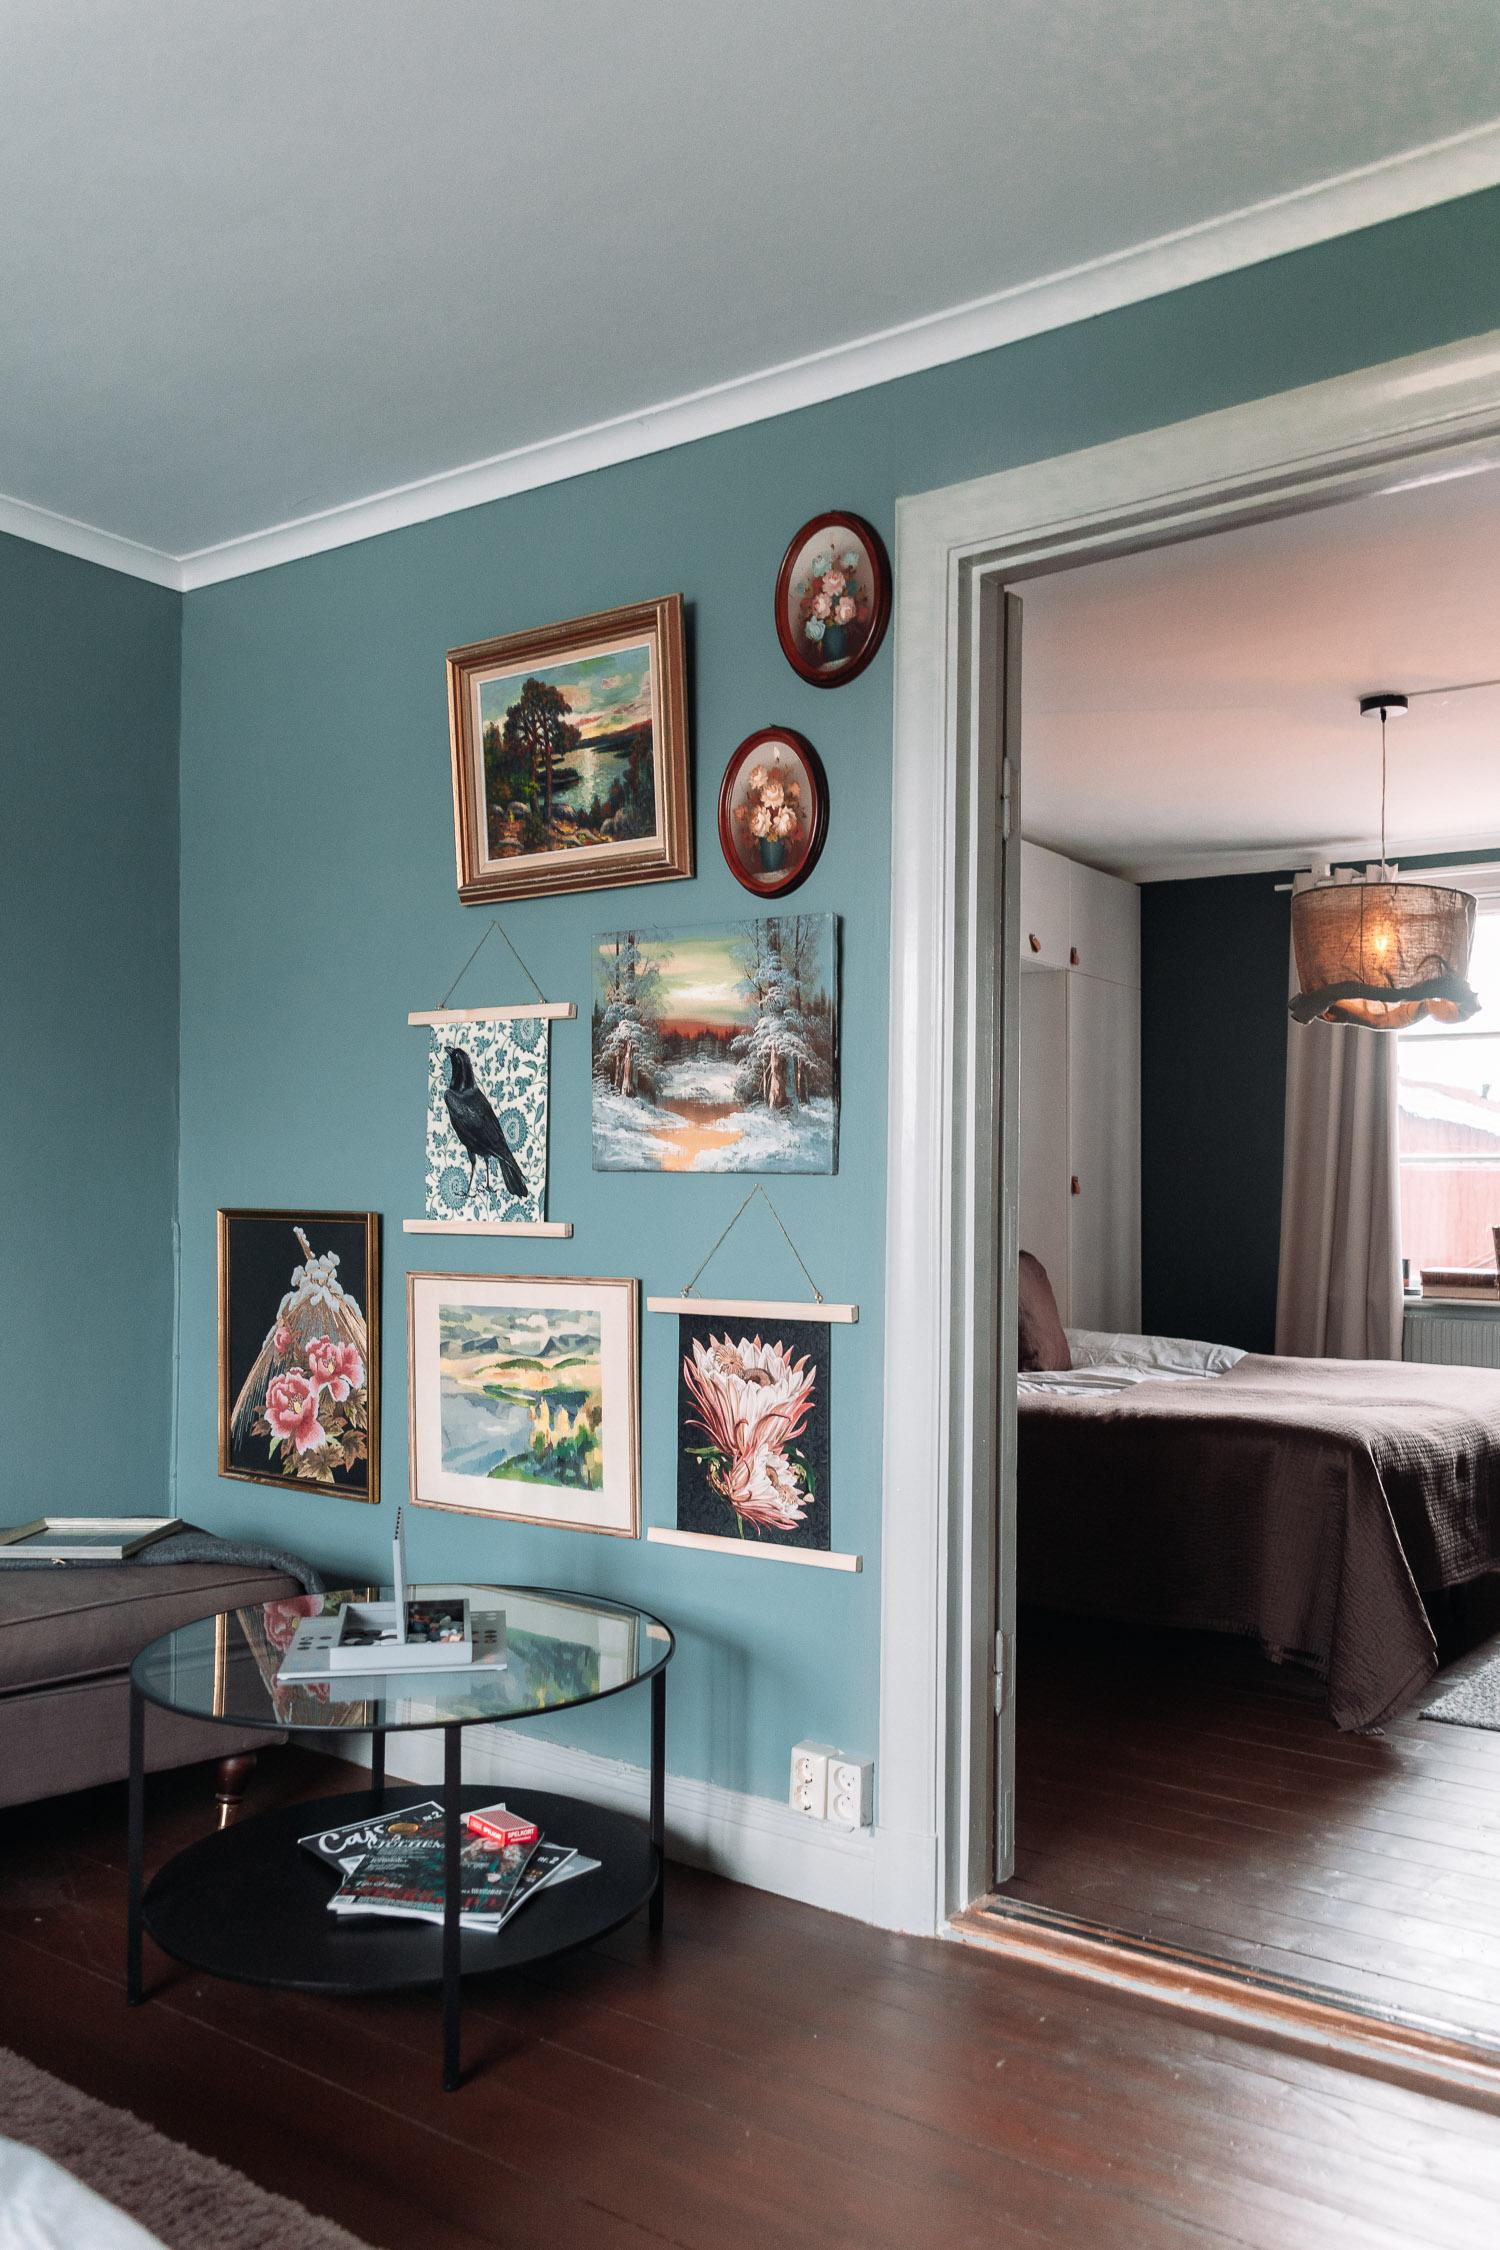 Charmig inredning med blågön vägg och second hand-tavlor i olika storlekar på Egastronomis boende i Kumla, Örebro